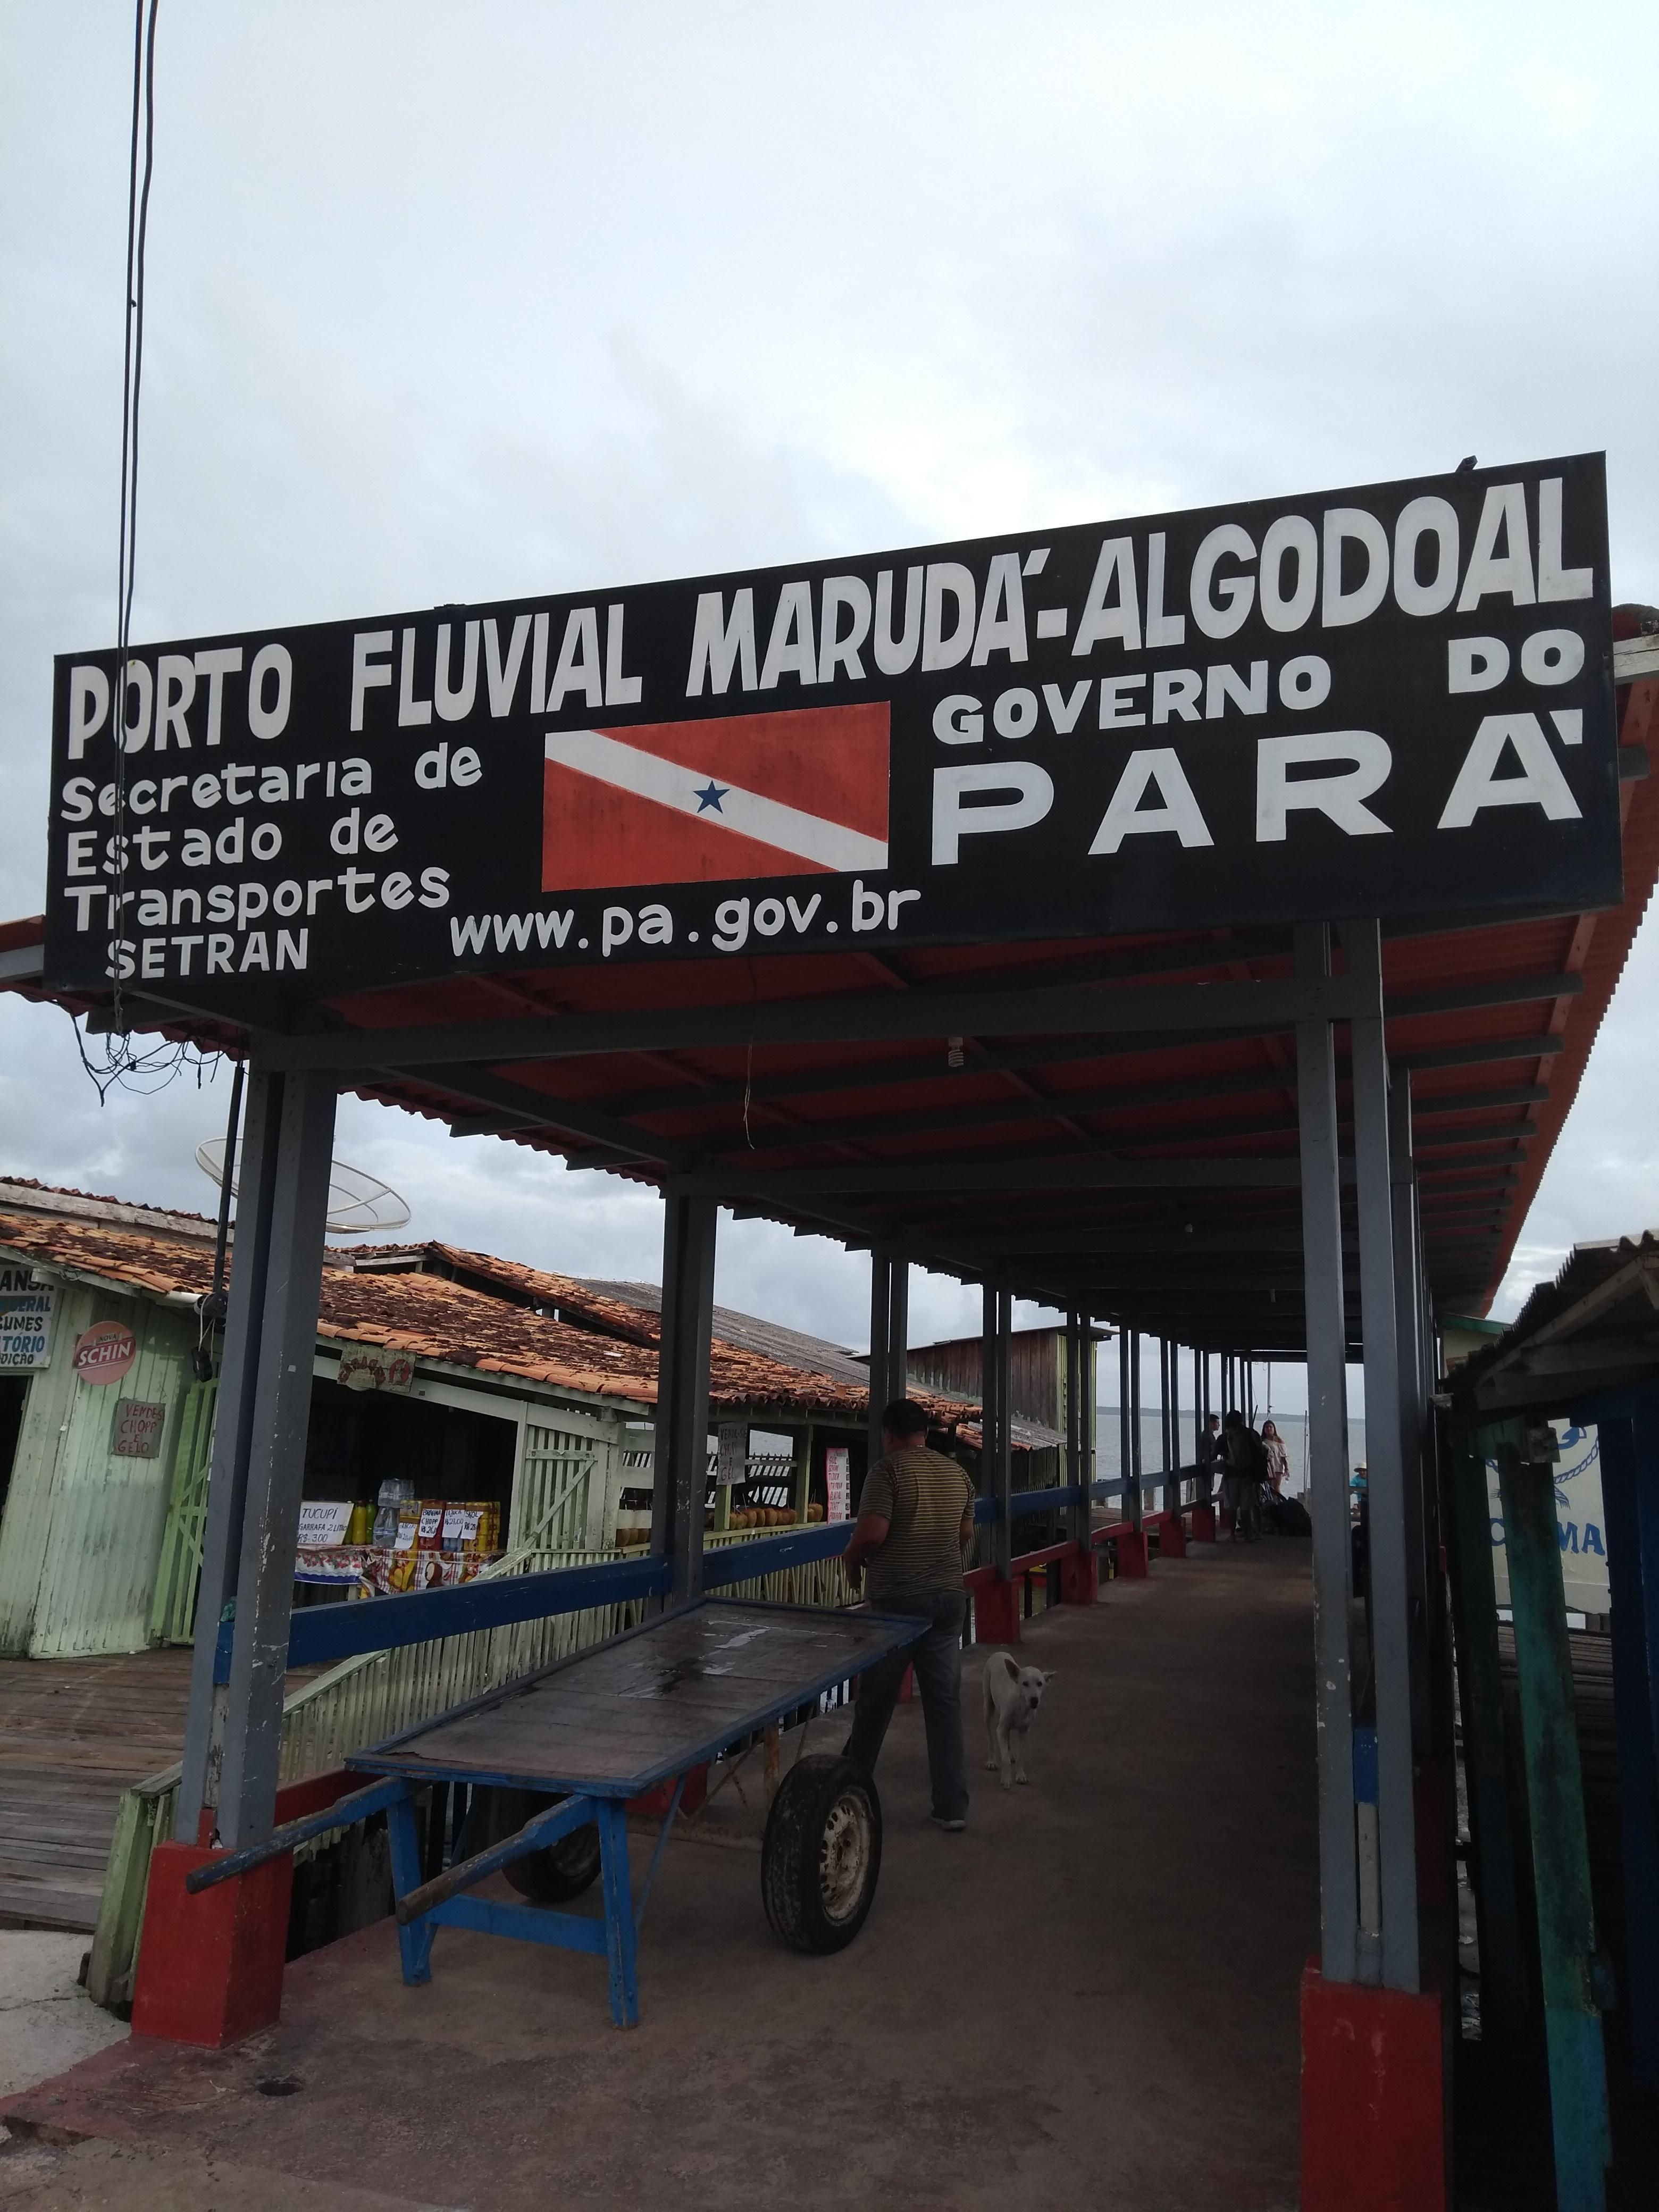 Entrada porto de Marudá